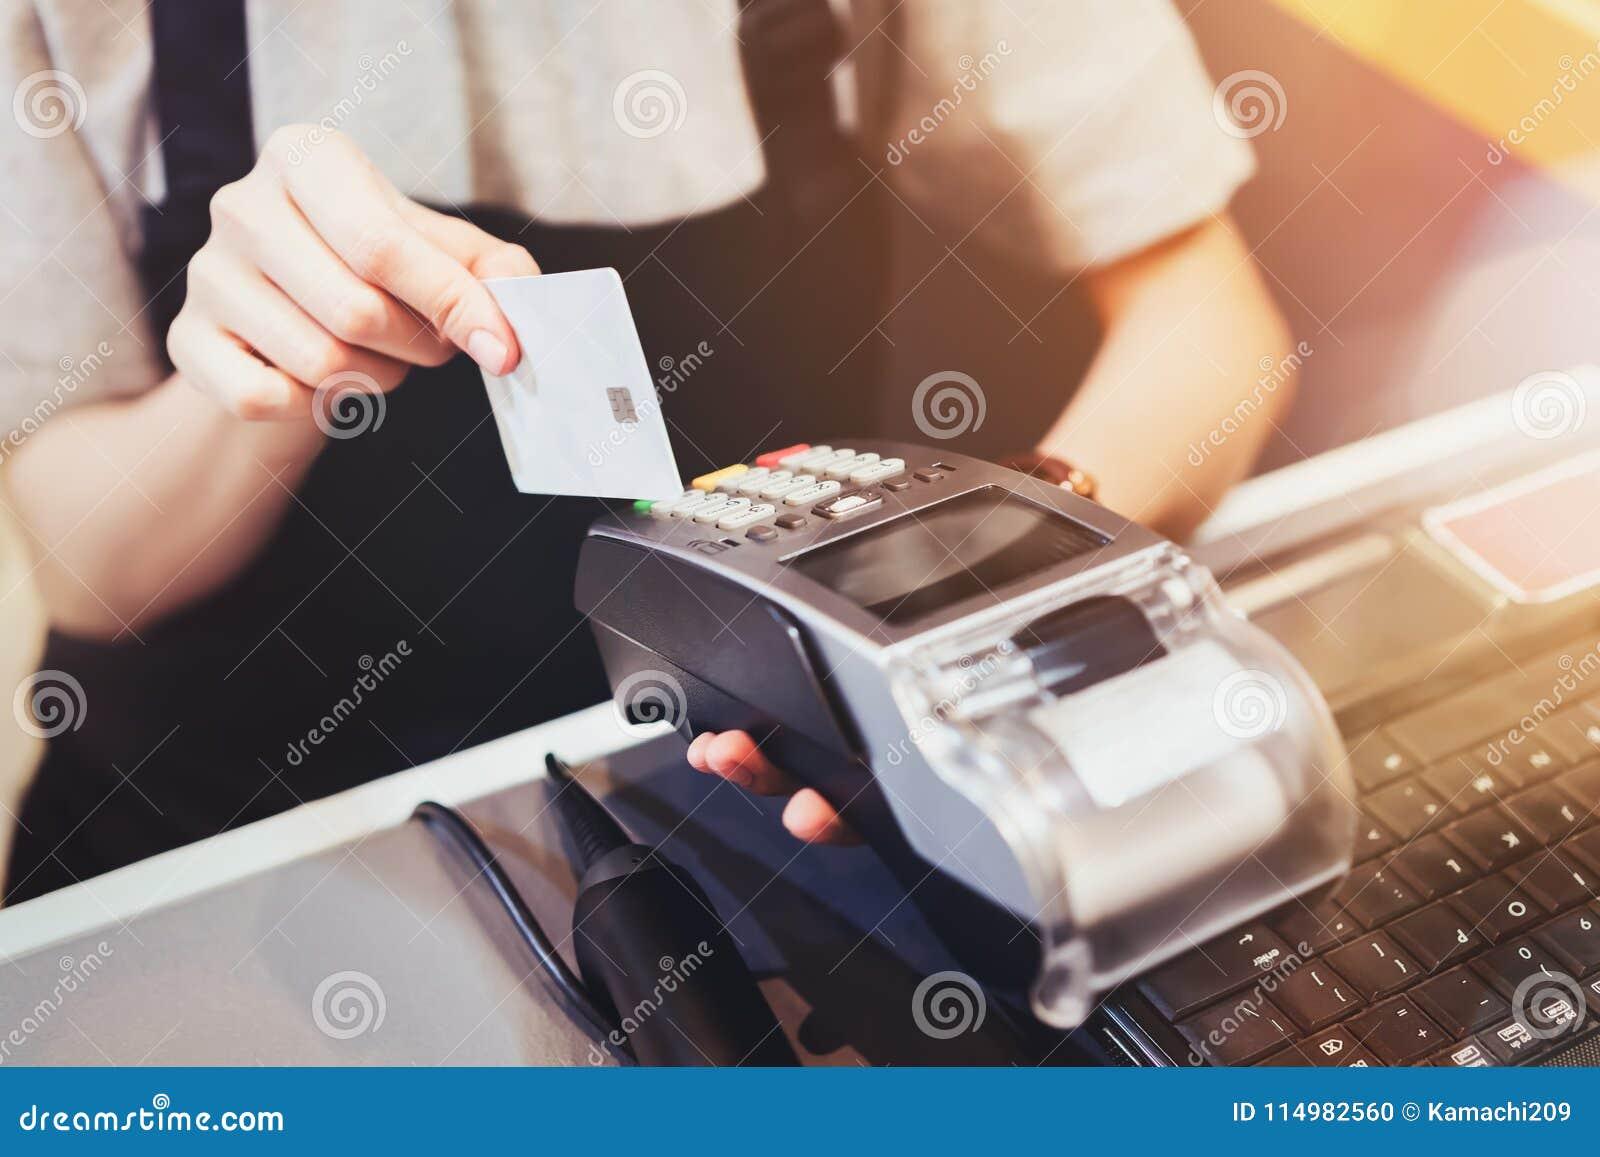 Concepto de tecnología en la compra sin usar efectivo Cierre para arriba de la tarjeta de crédito del uso de la mano que birla la